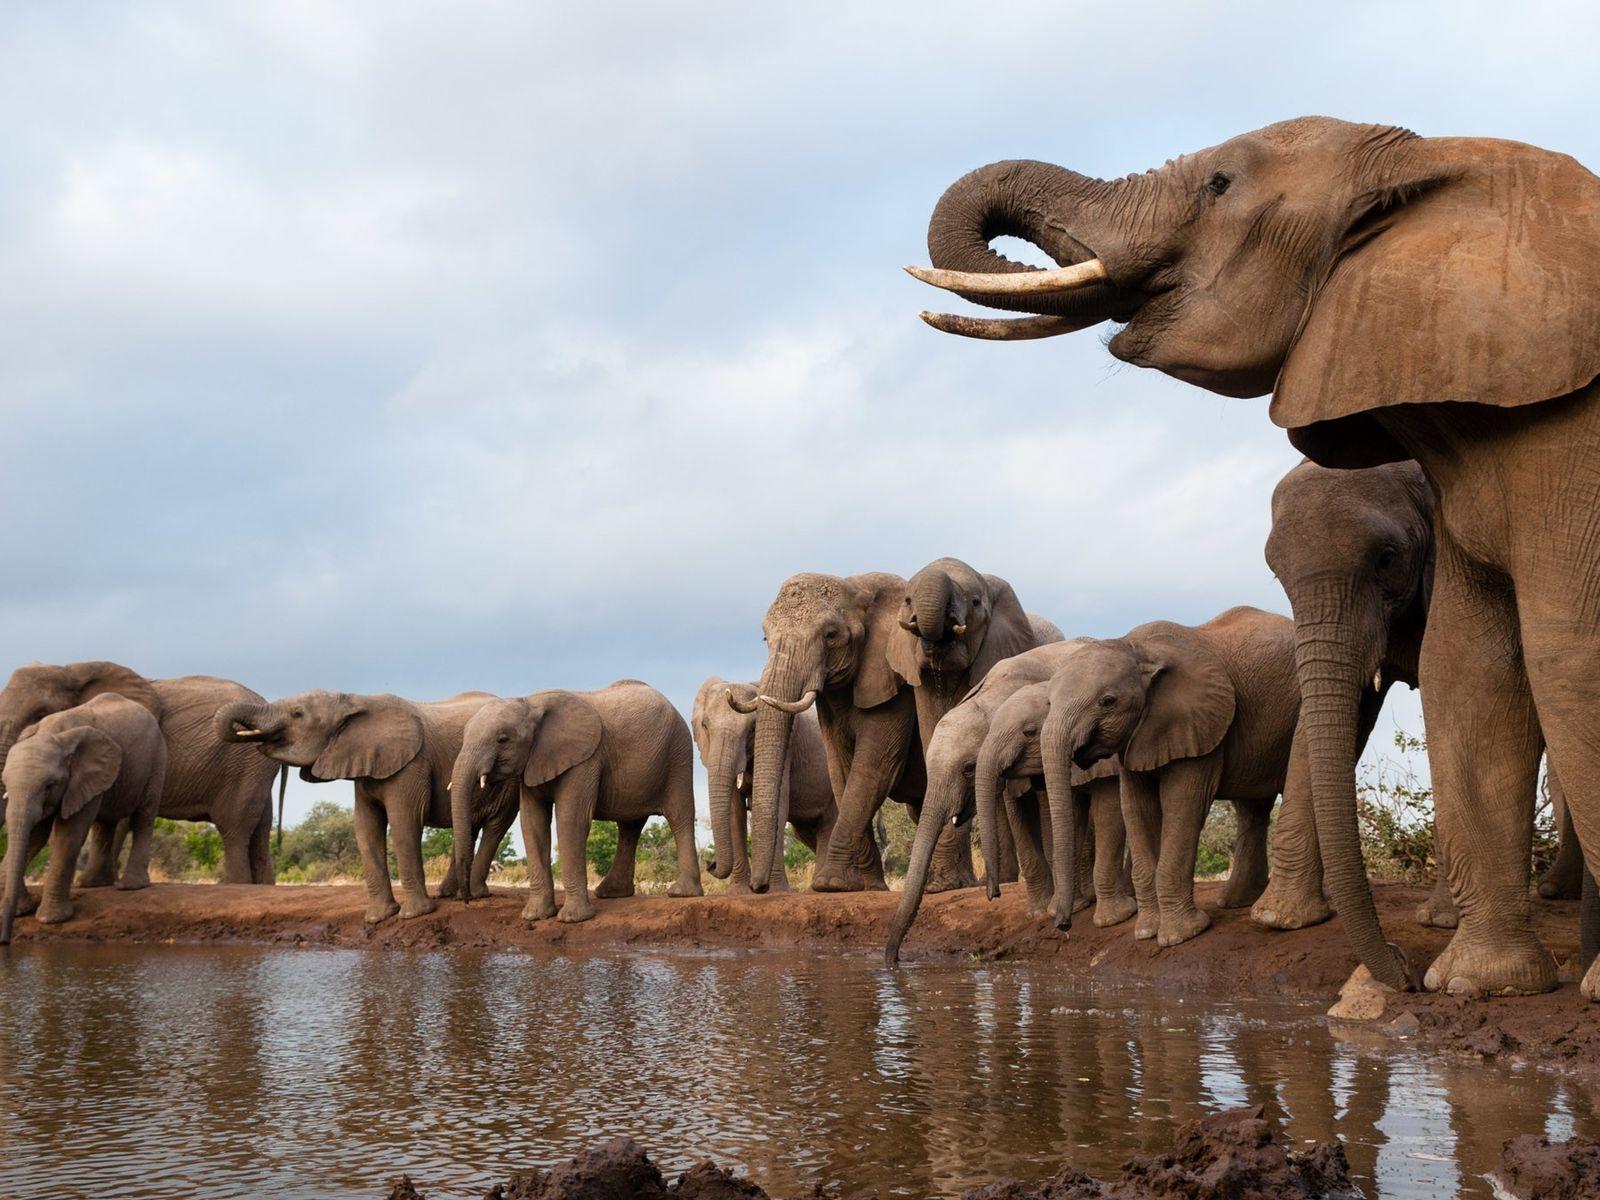 En los últimos meses, cientos de elefantes han muerto por causas desconocidas en Botswana.